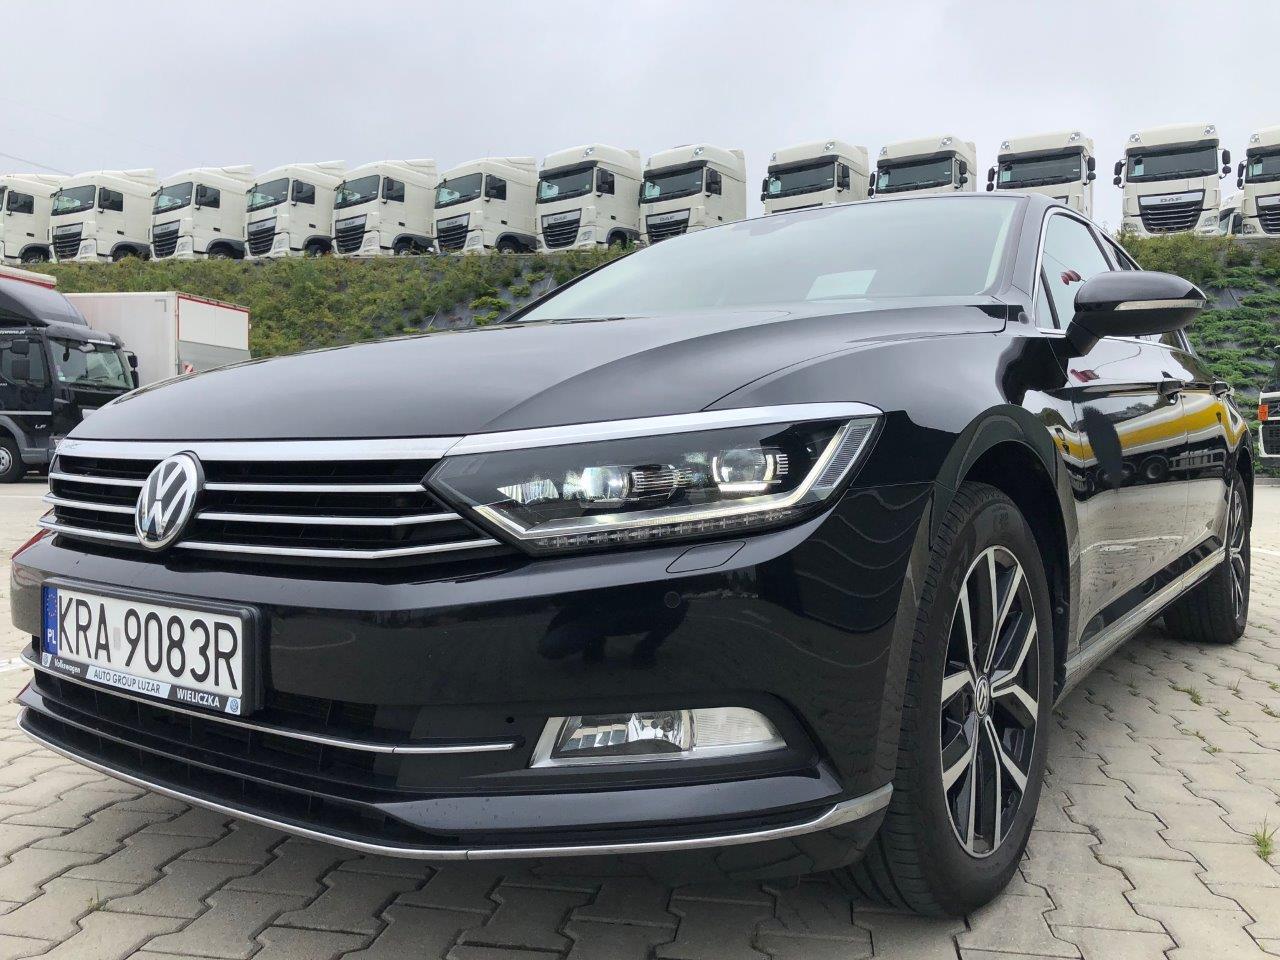 Volkswagen Passat 2.0 TDI DSG